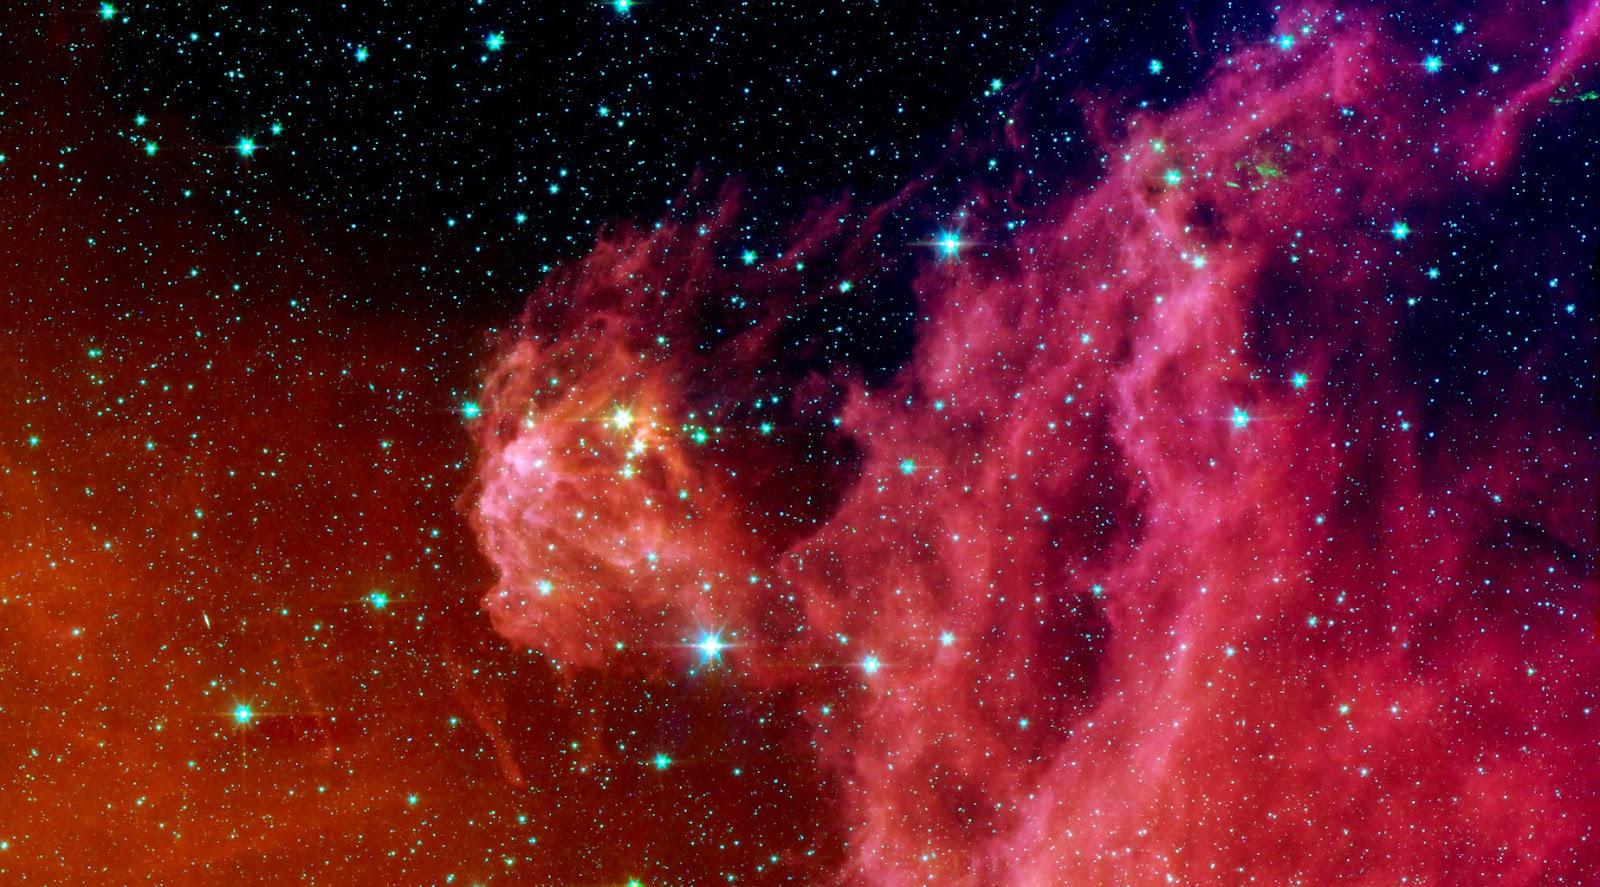 比利邁爾照(圖)片集: 與本現象相關的宇宙天體 —— 太陽系外近空天體